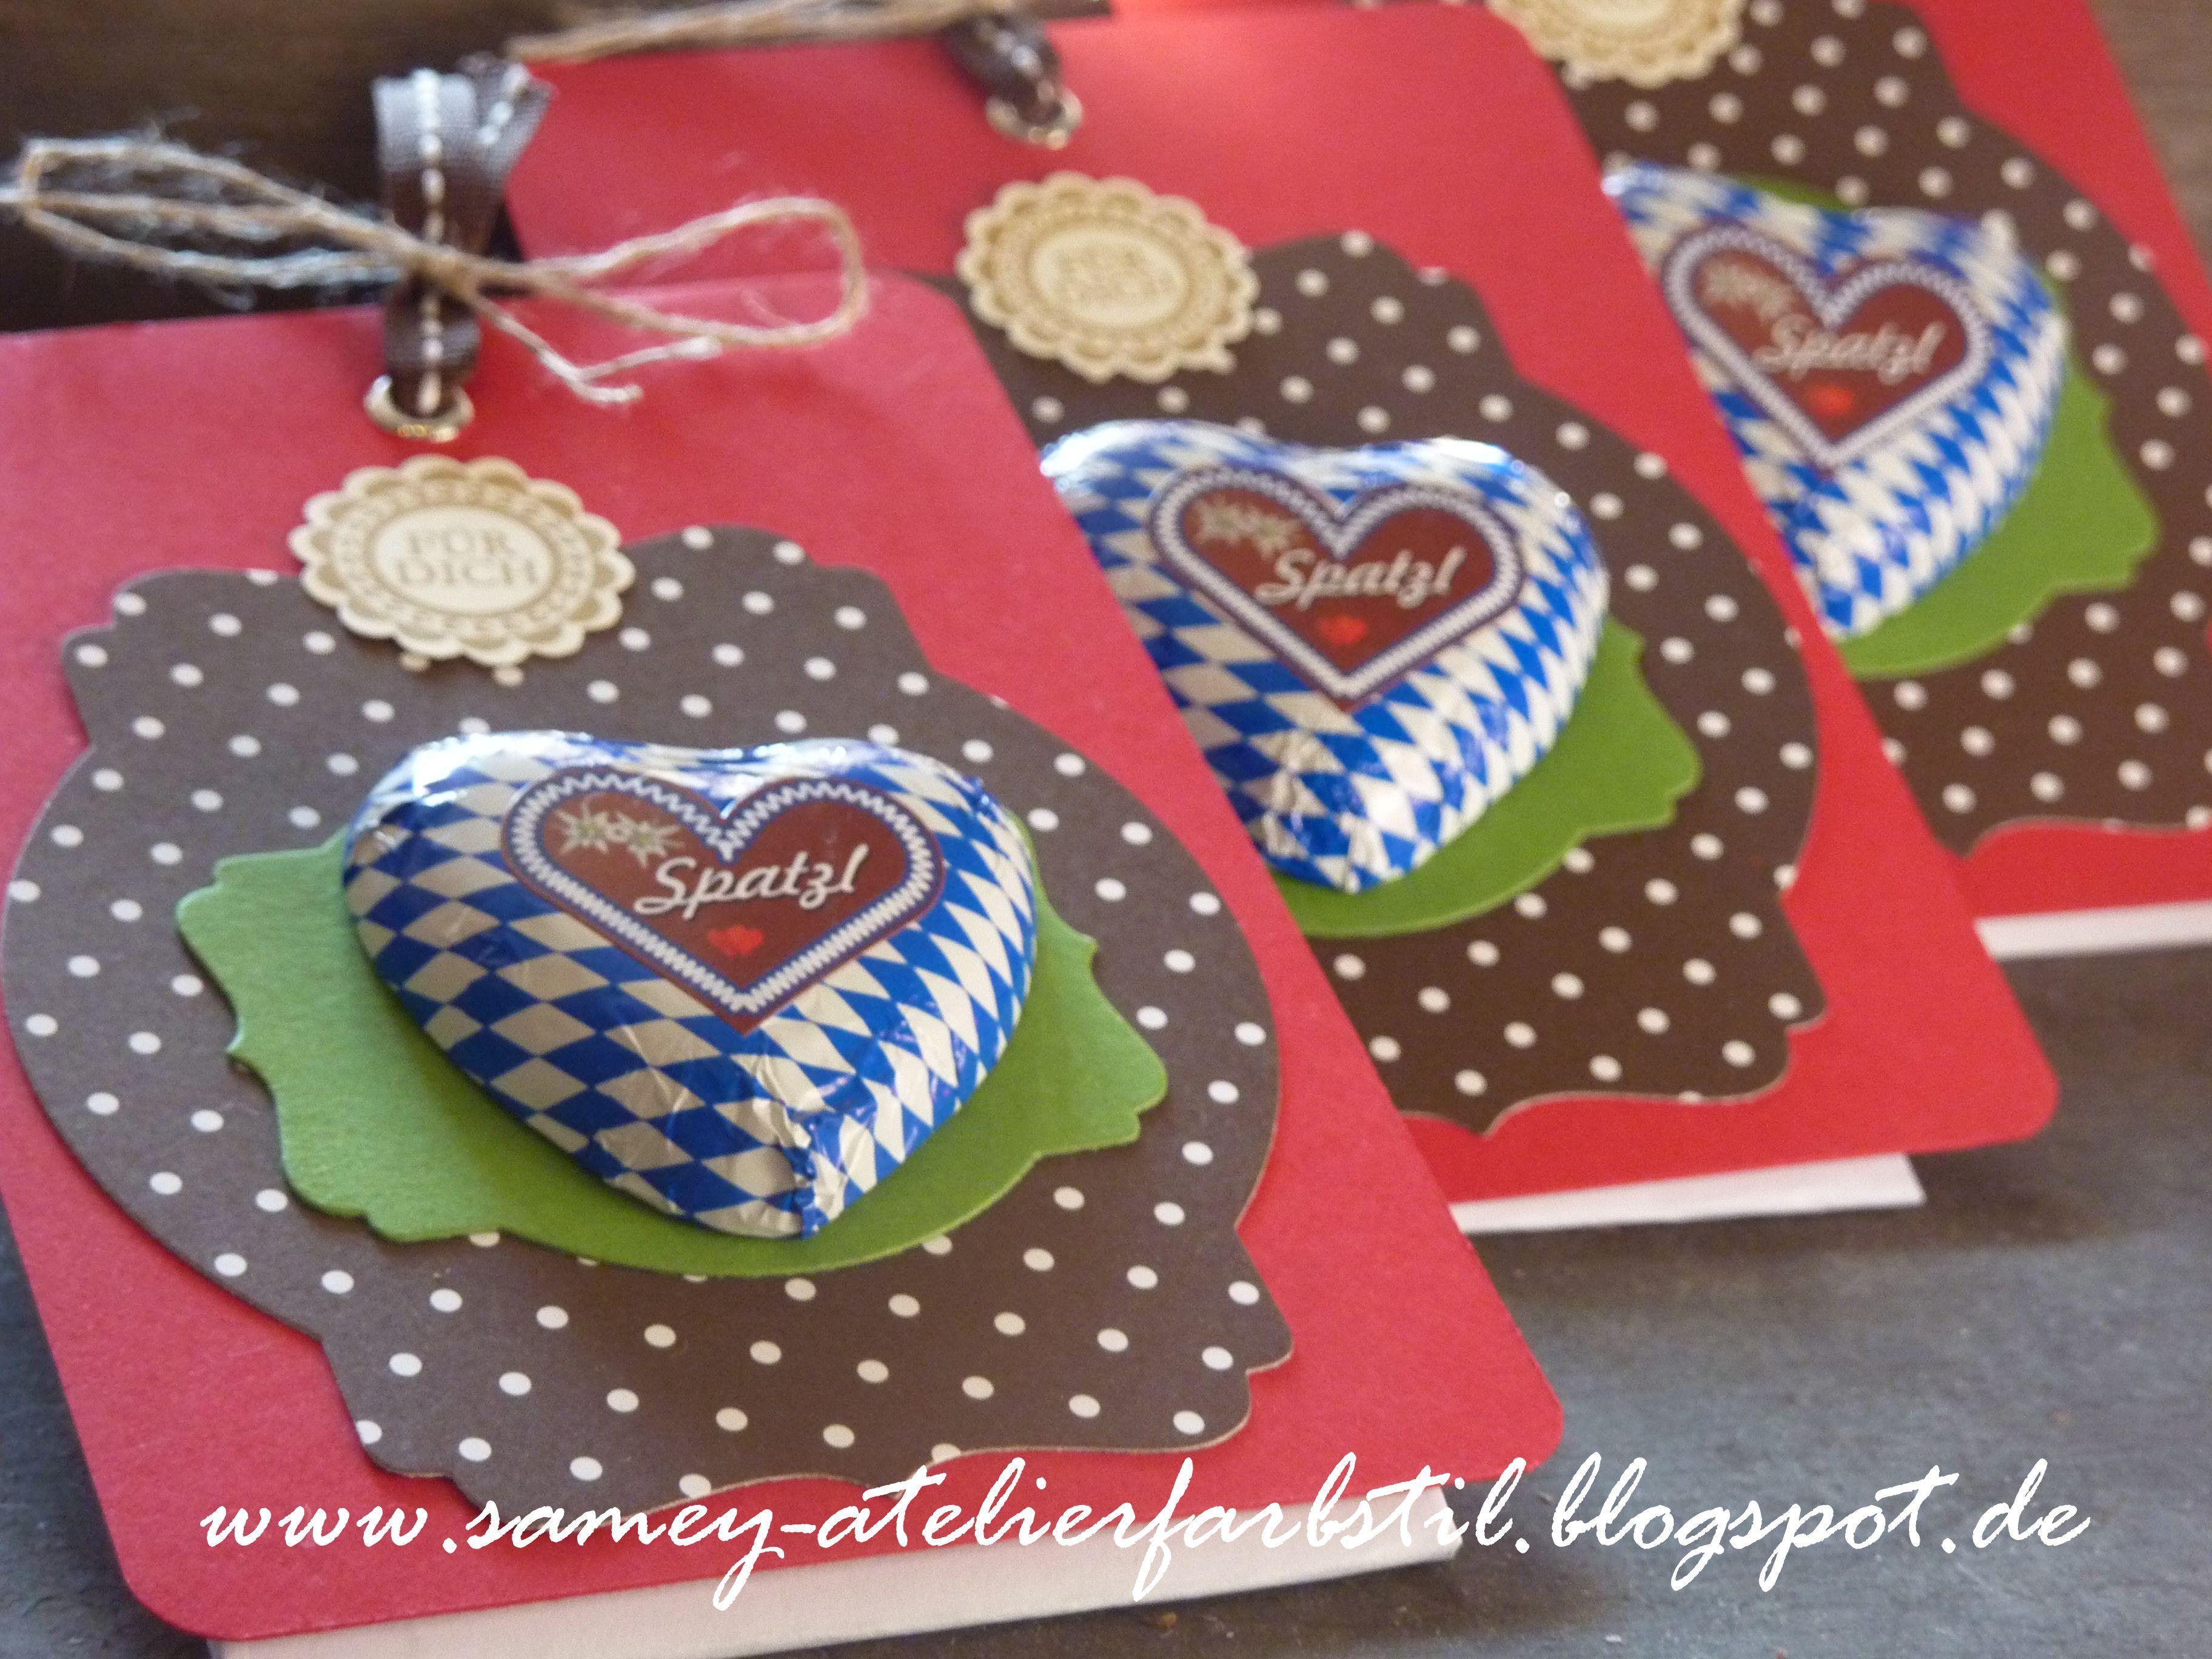 Individuelle papeterie auftragsarbeit einladung oktoberfest stampinup sandra kolb www